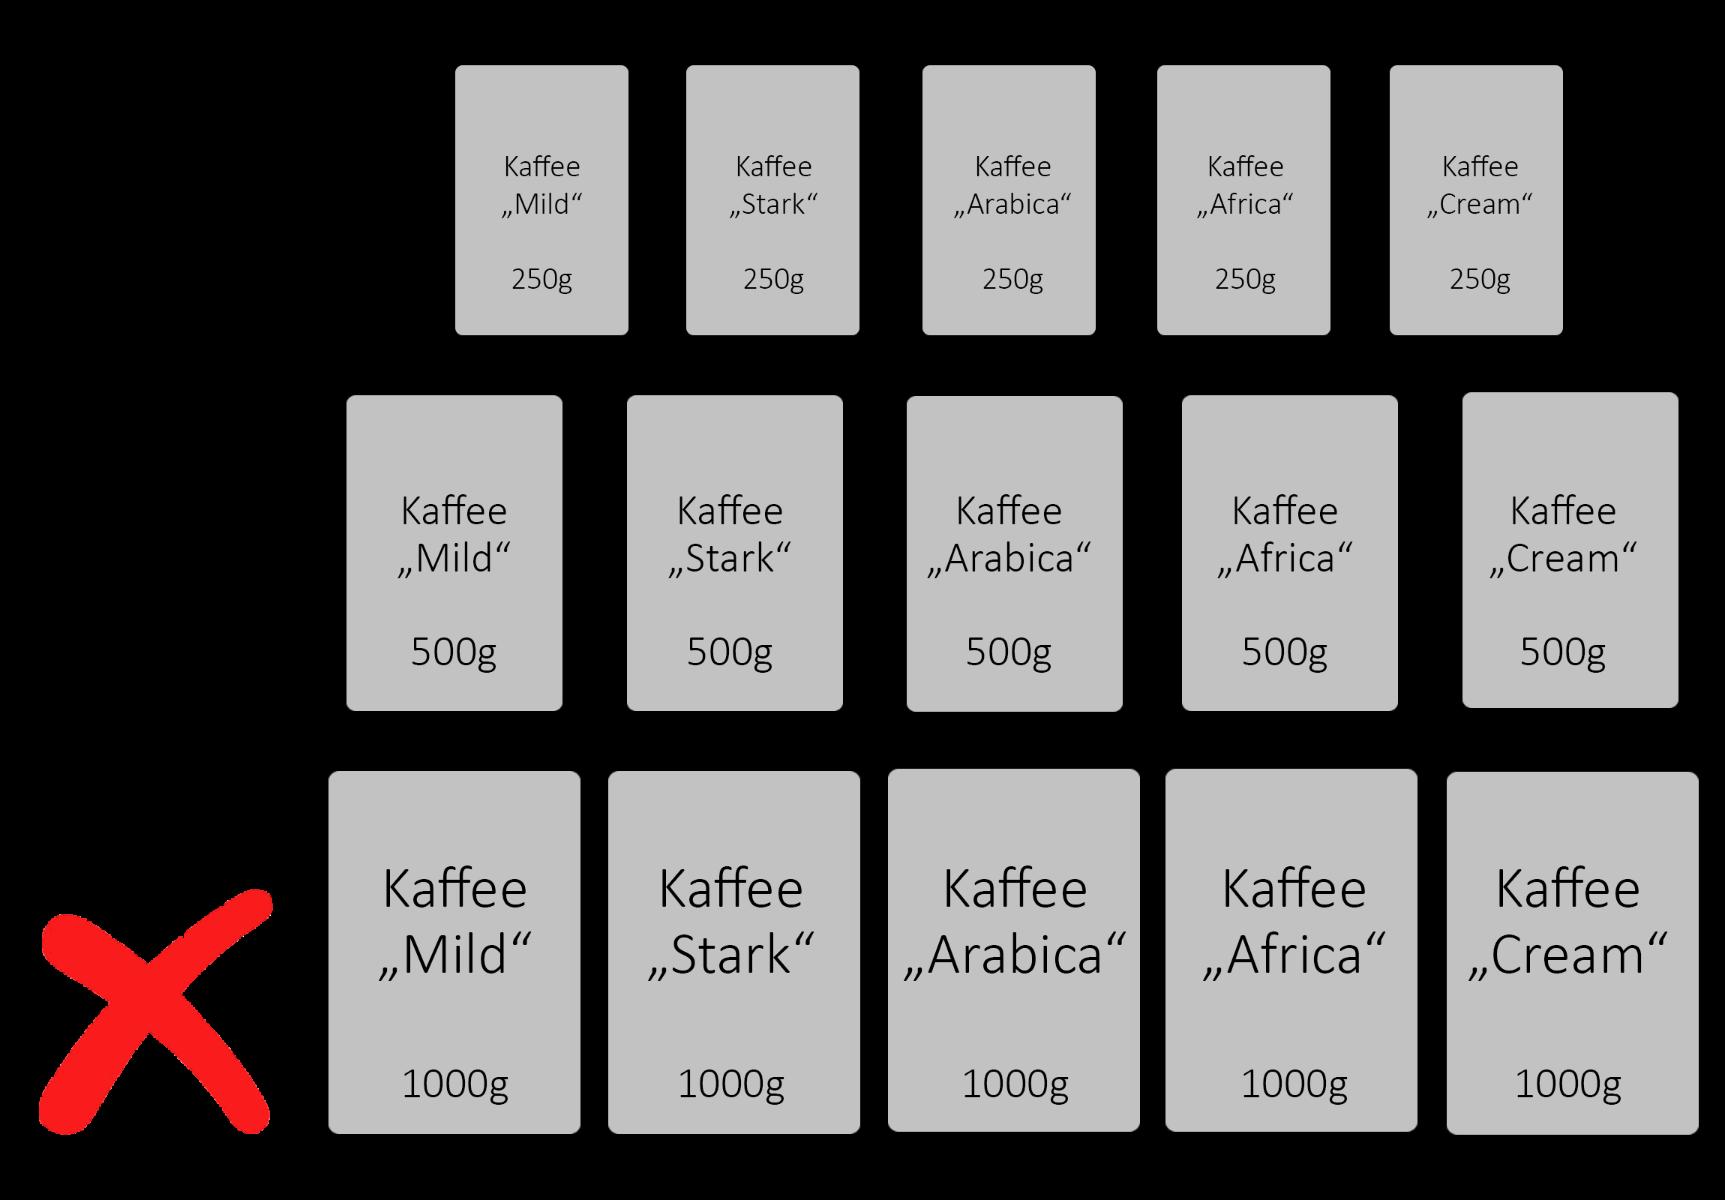 Kaffeeetiketten_1